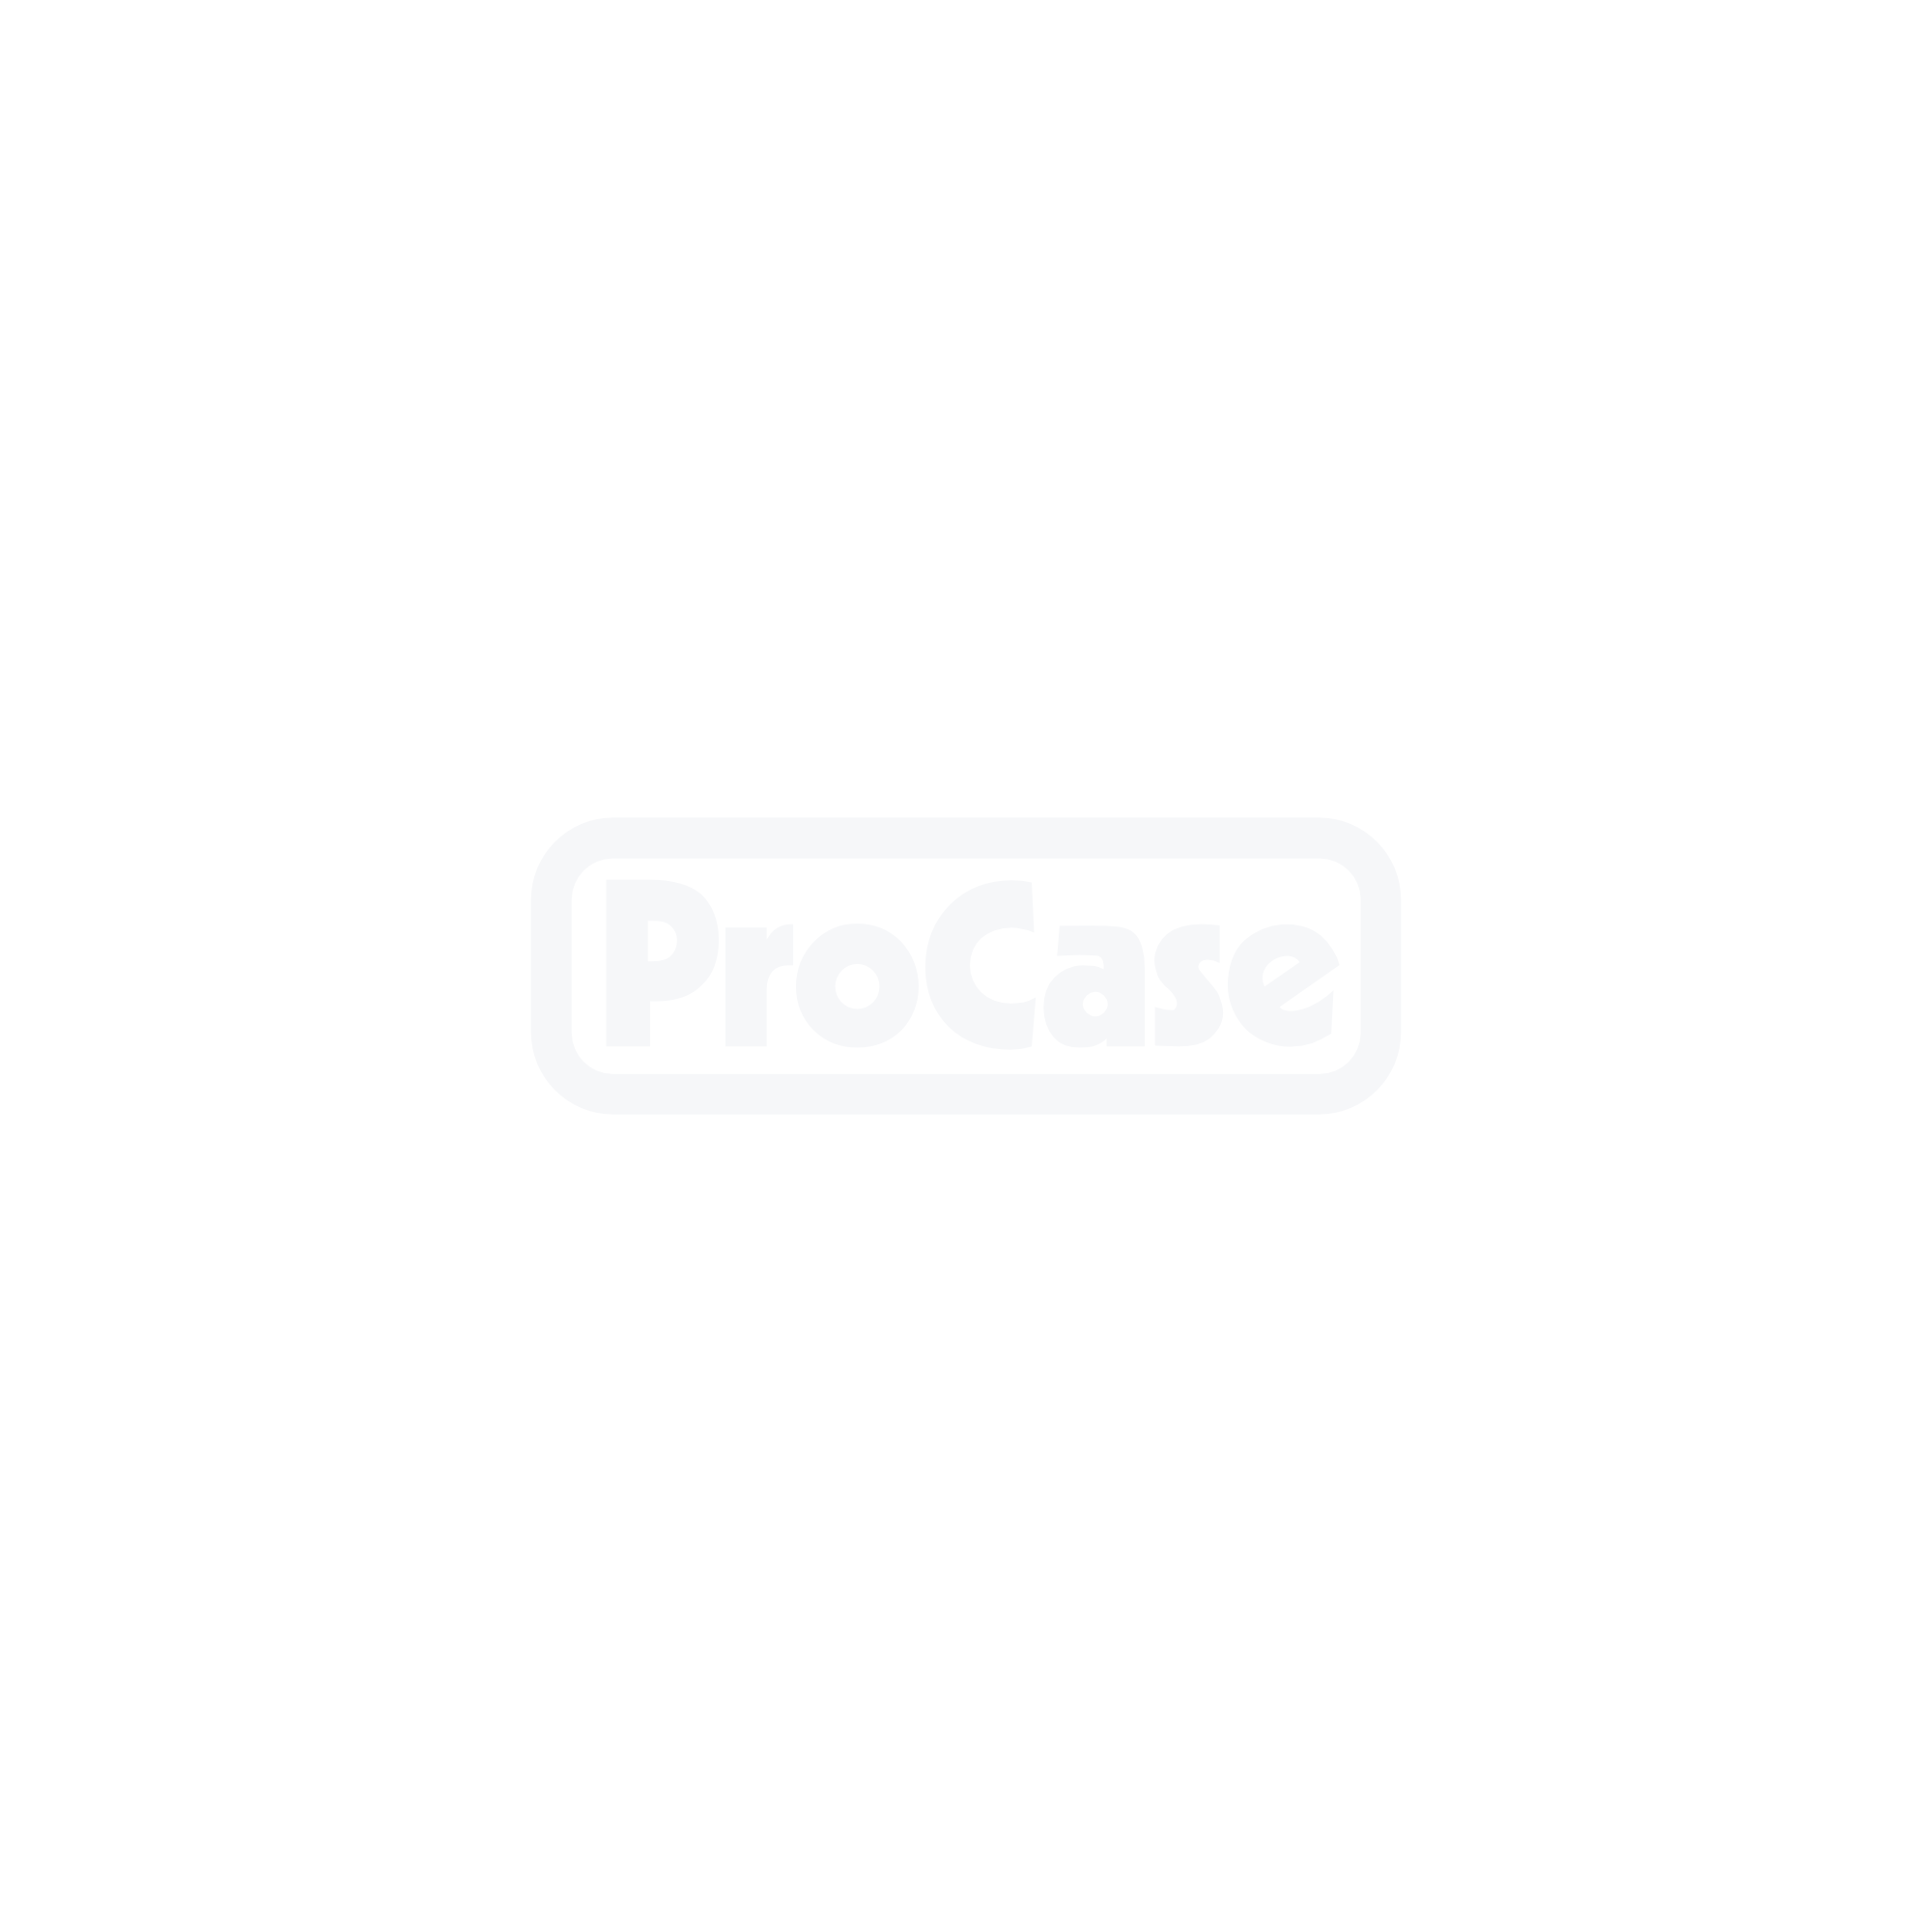 QSD-Rack 6HE 800 mm tief 2